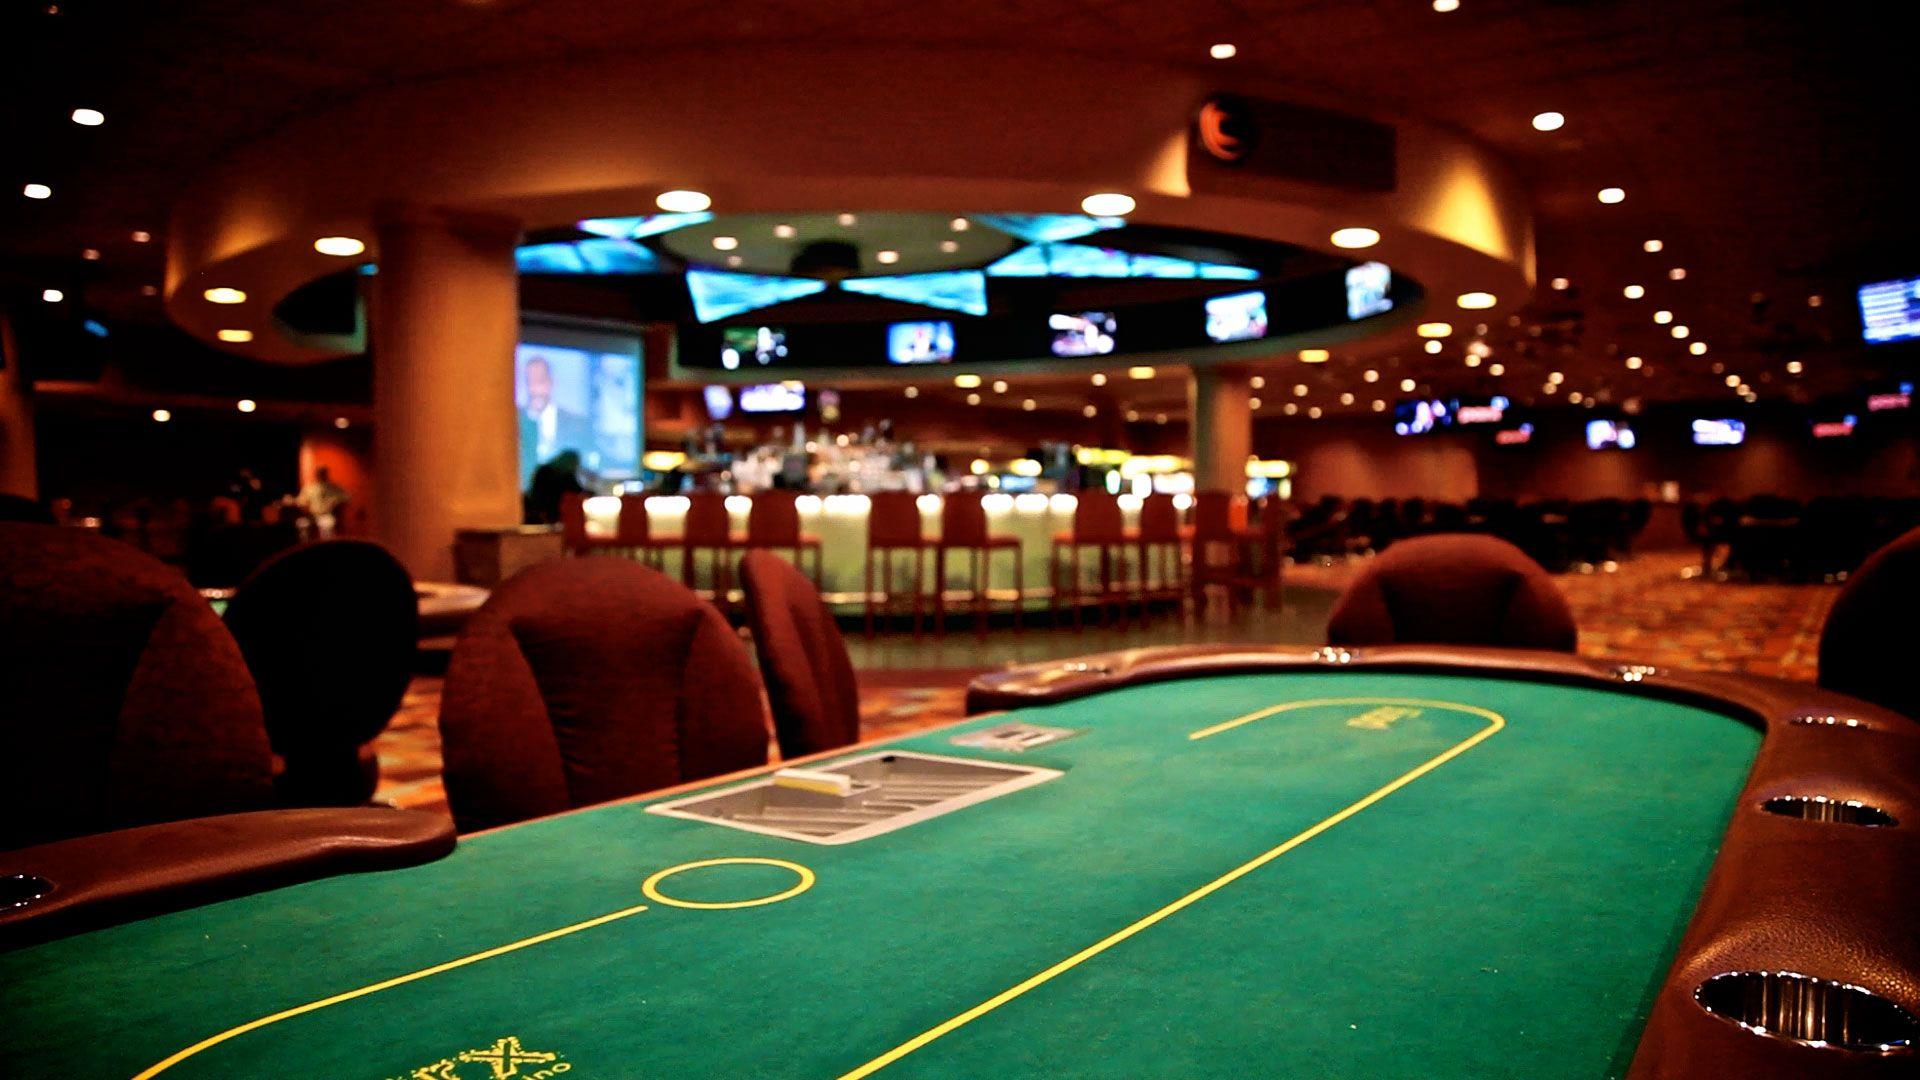 Goals regarding playing poker online post thumbnail image